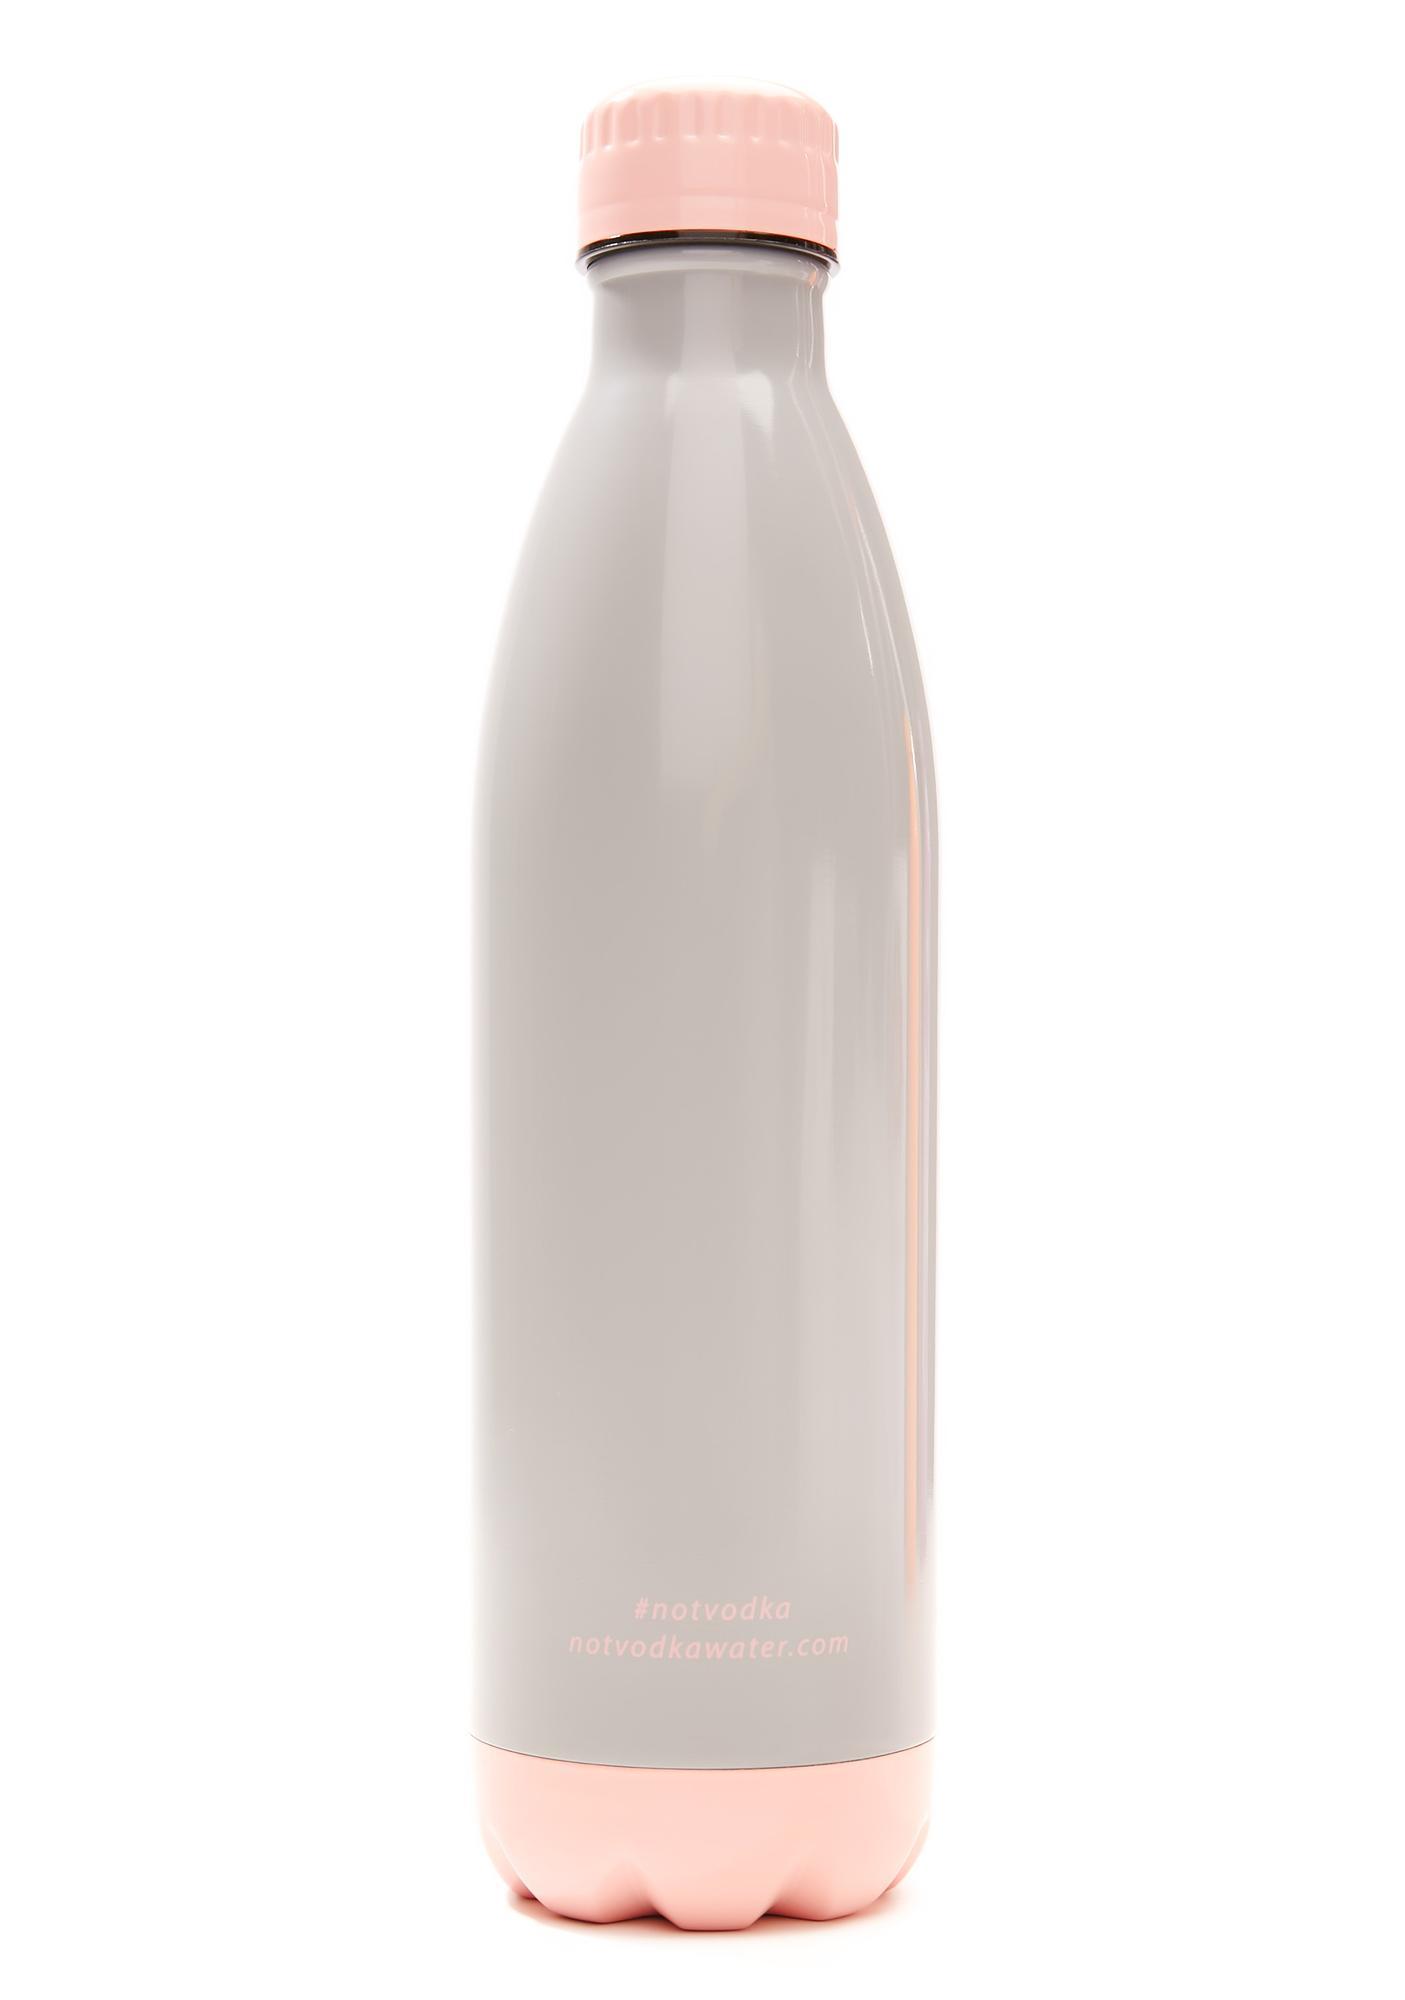 Not Vodka Two Tone Water Bottle